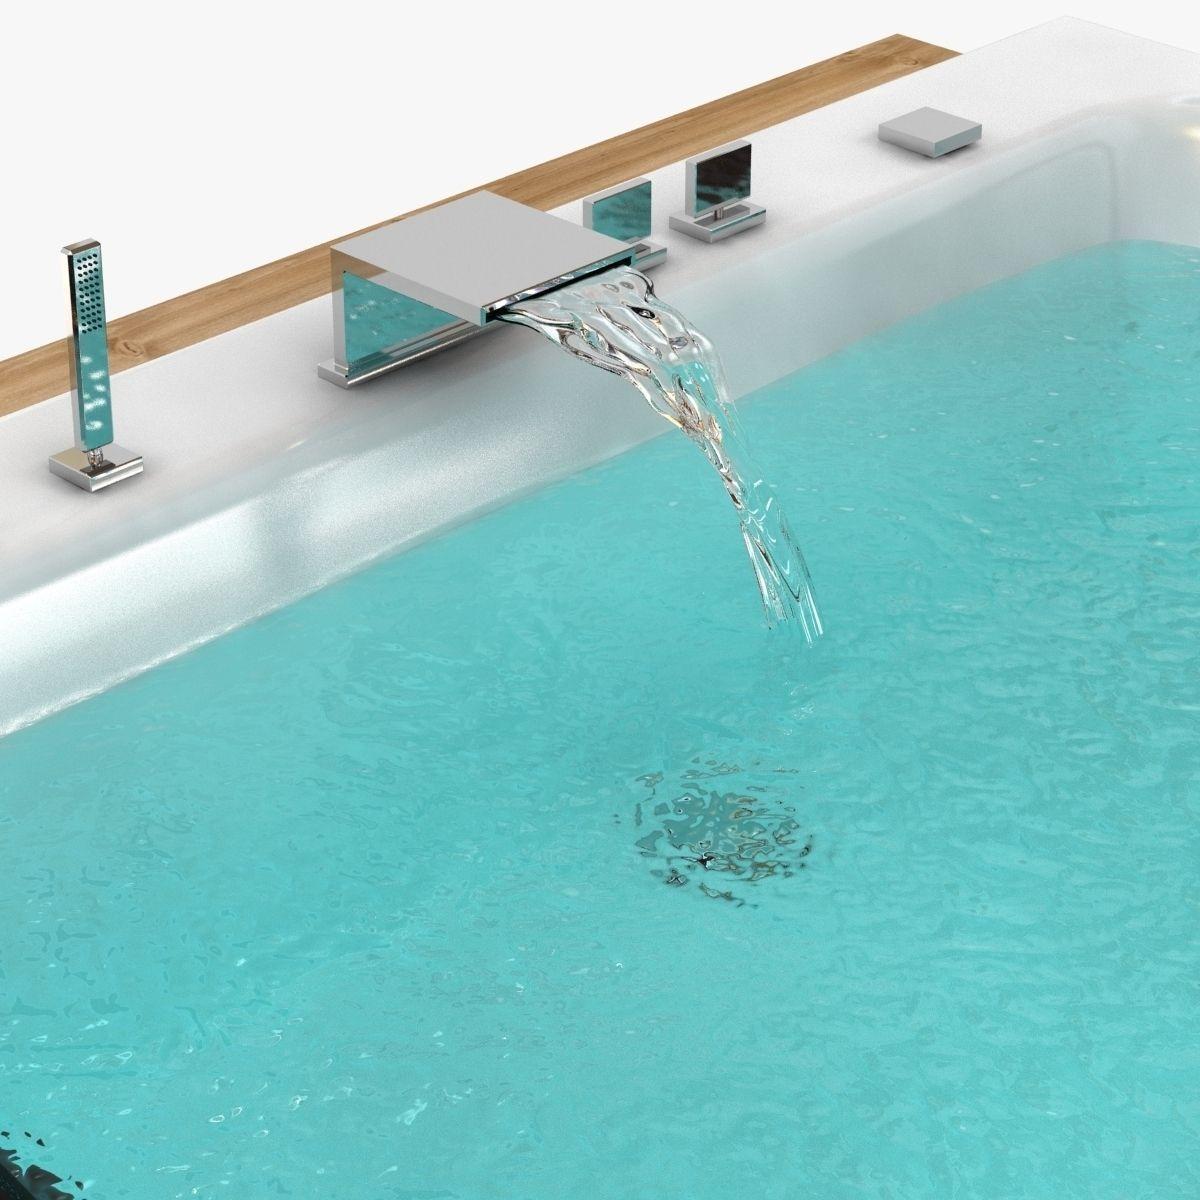 Whirlpool Designs Innen Ausen Best Whirlpool Designs Innen